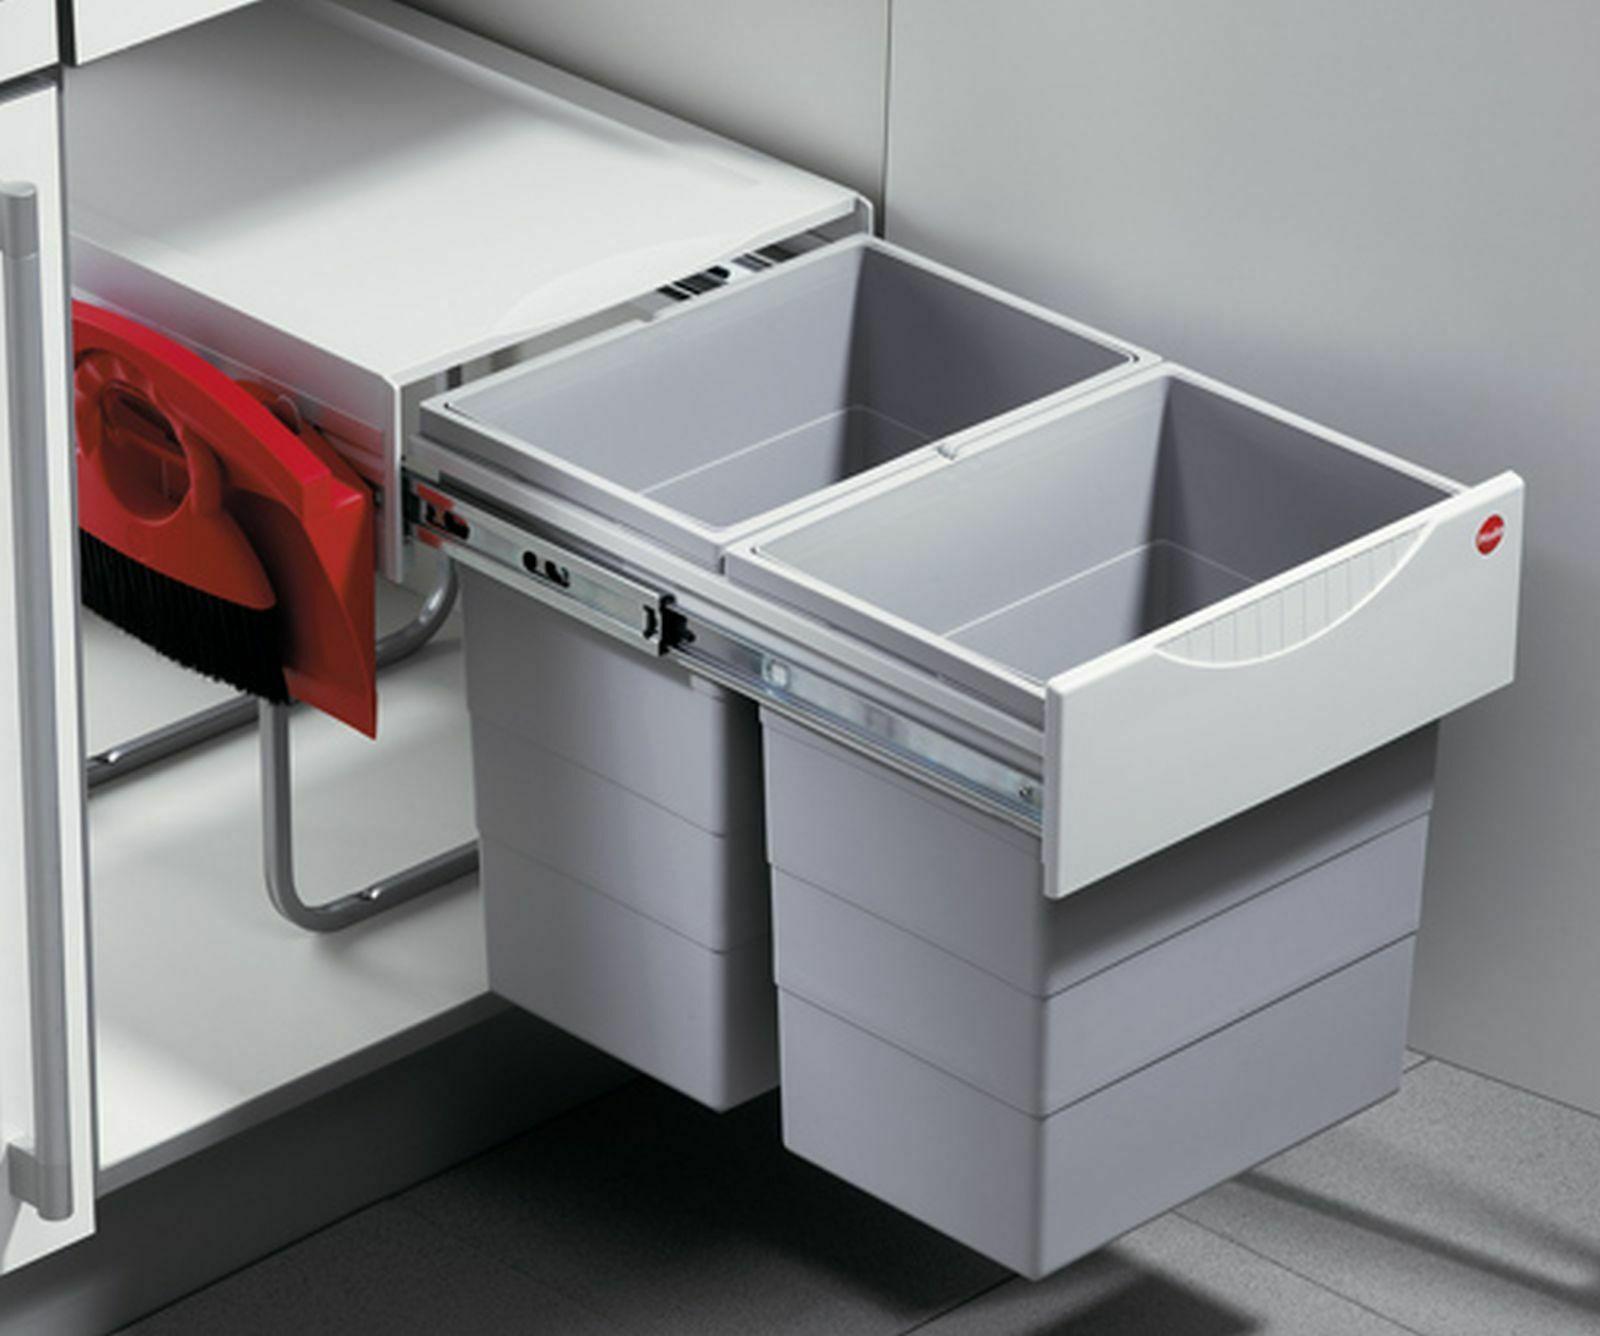 Einbau-Mülleimer Küche Hailo Abfalleimer 20L Mülltrenner Müllsammler *20